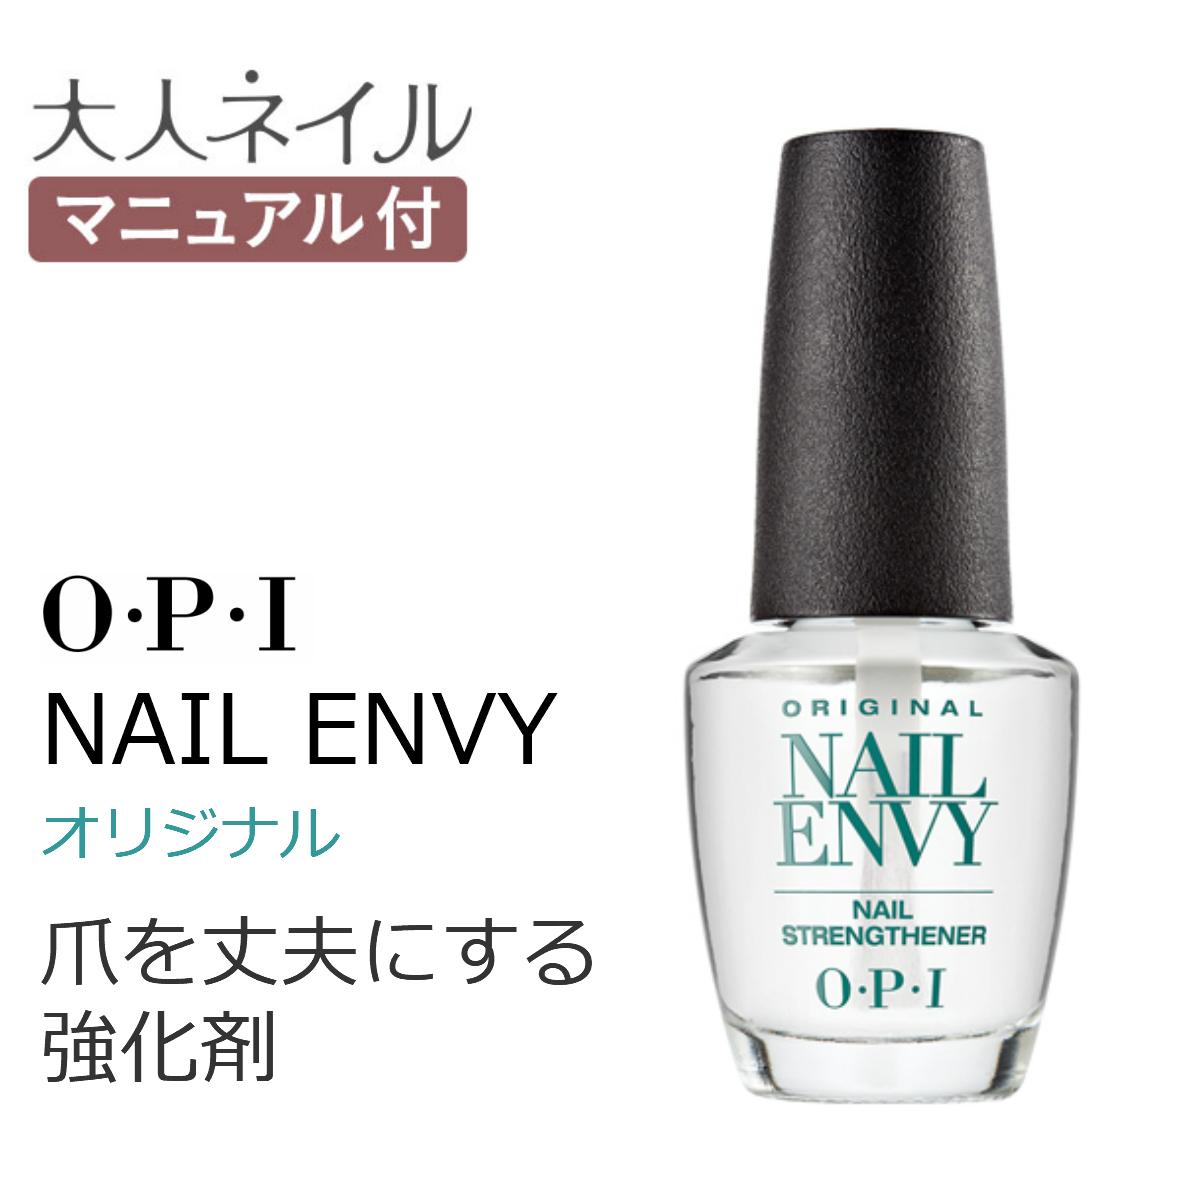 国内正規品 OPI オーピーアイ ネイルエンビー オリジナル 15ml 爪強化剤 爪割れ 薄い爪 二枚爪 ベースコート 15ml